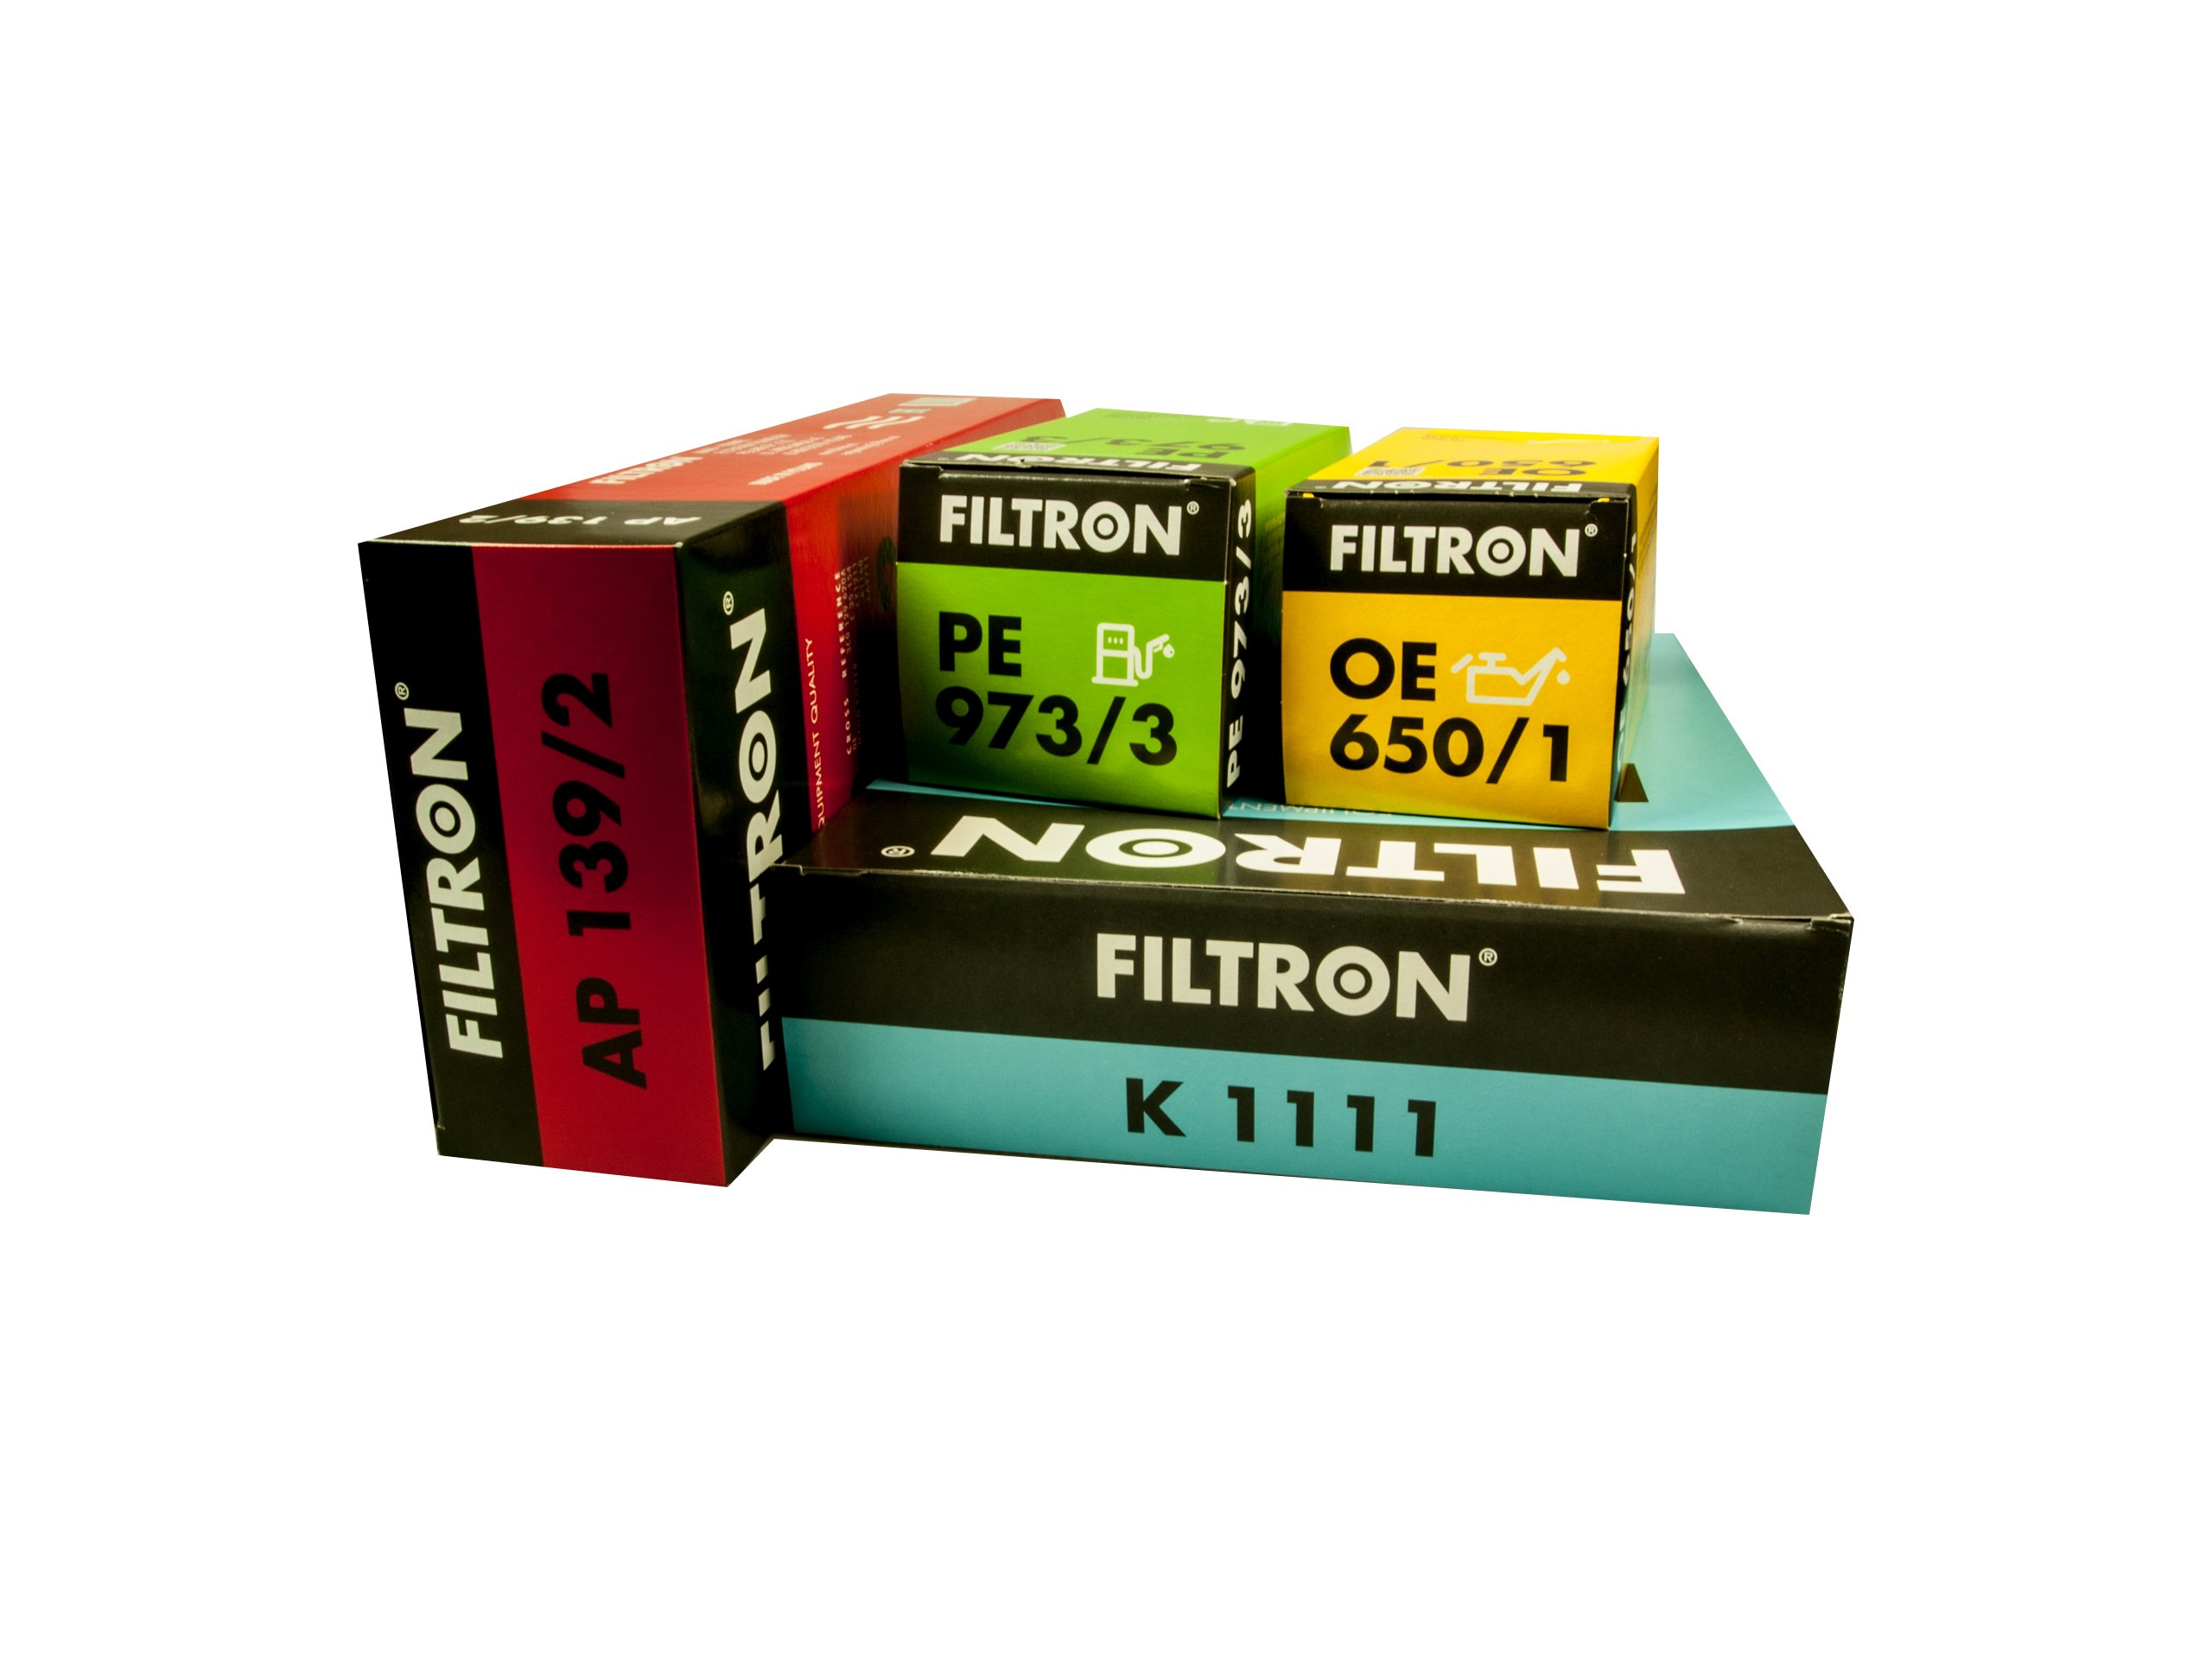 vw passat b6 2 0tdi комплект фильтры фильтры filtron